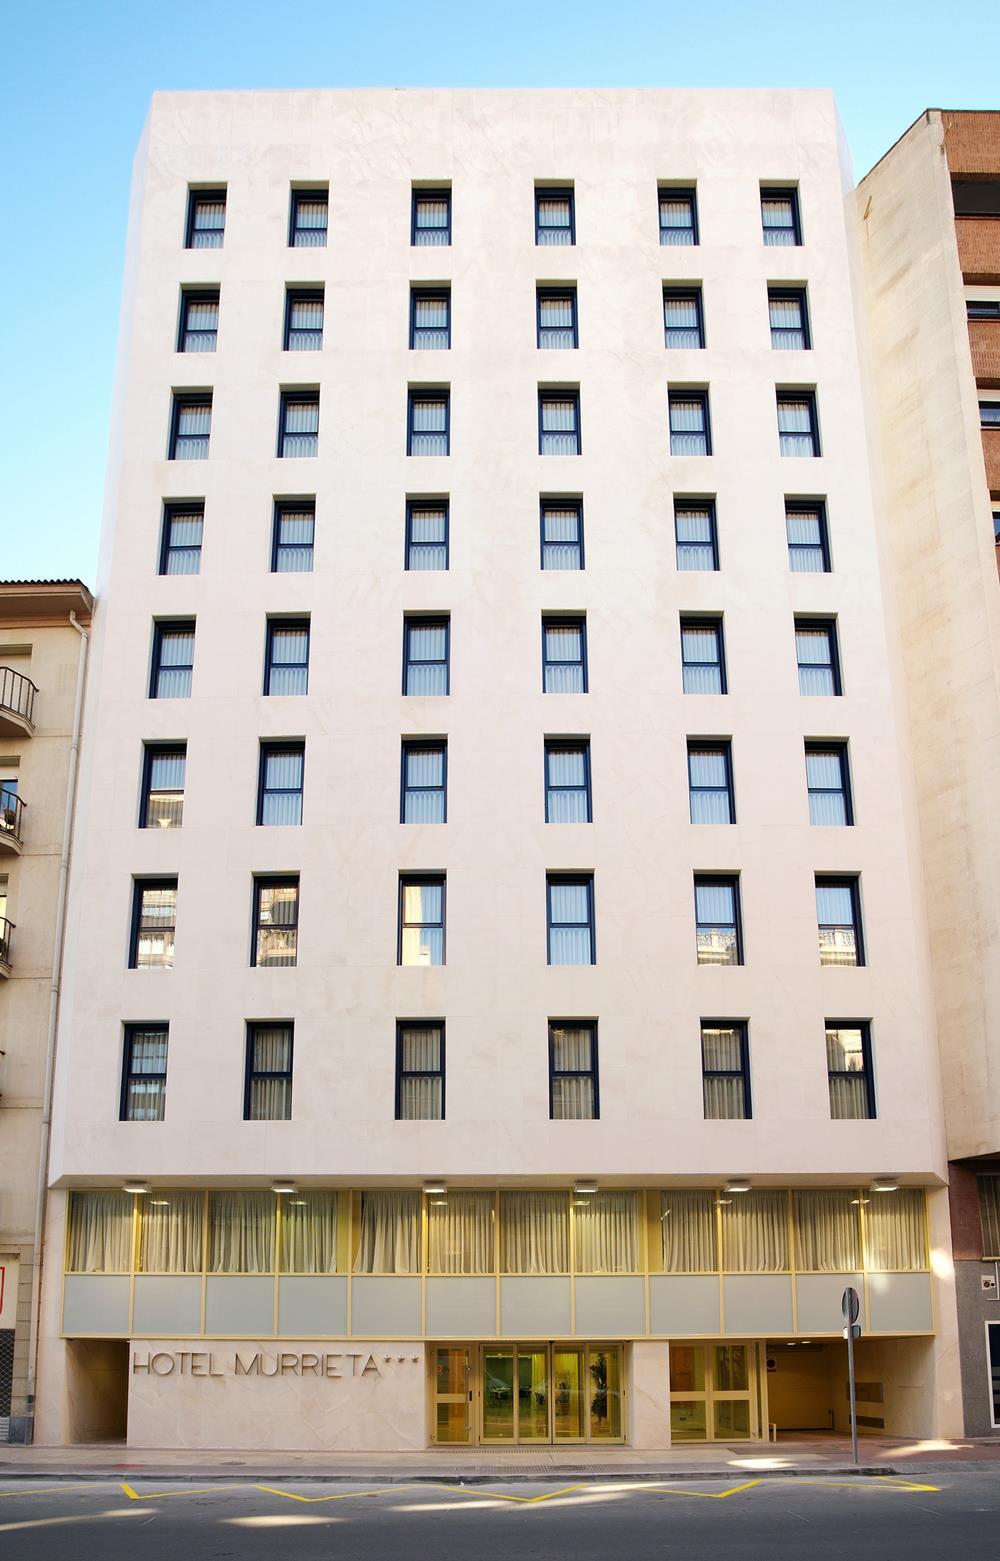 Hotel murrieta alojamientos la rioja turismo for Hotel luxury la rioja